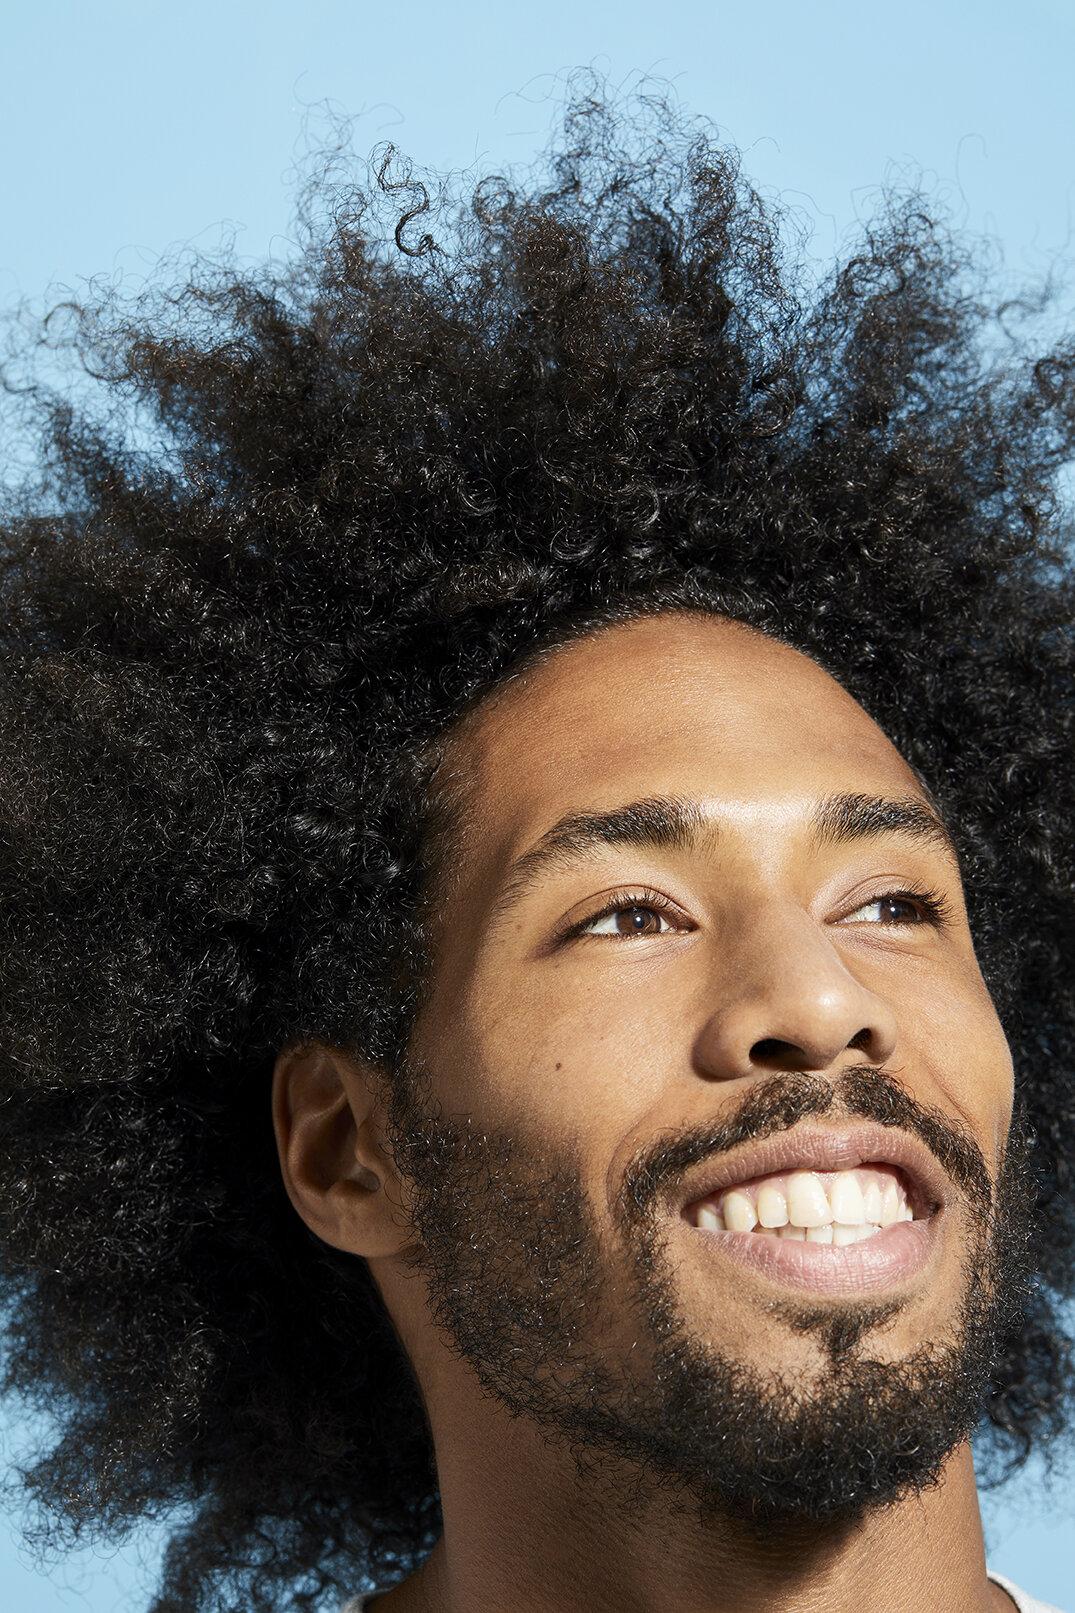 HORACE HAIR